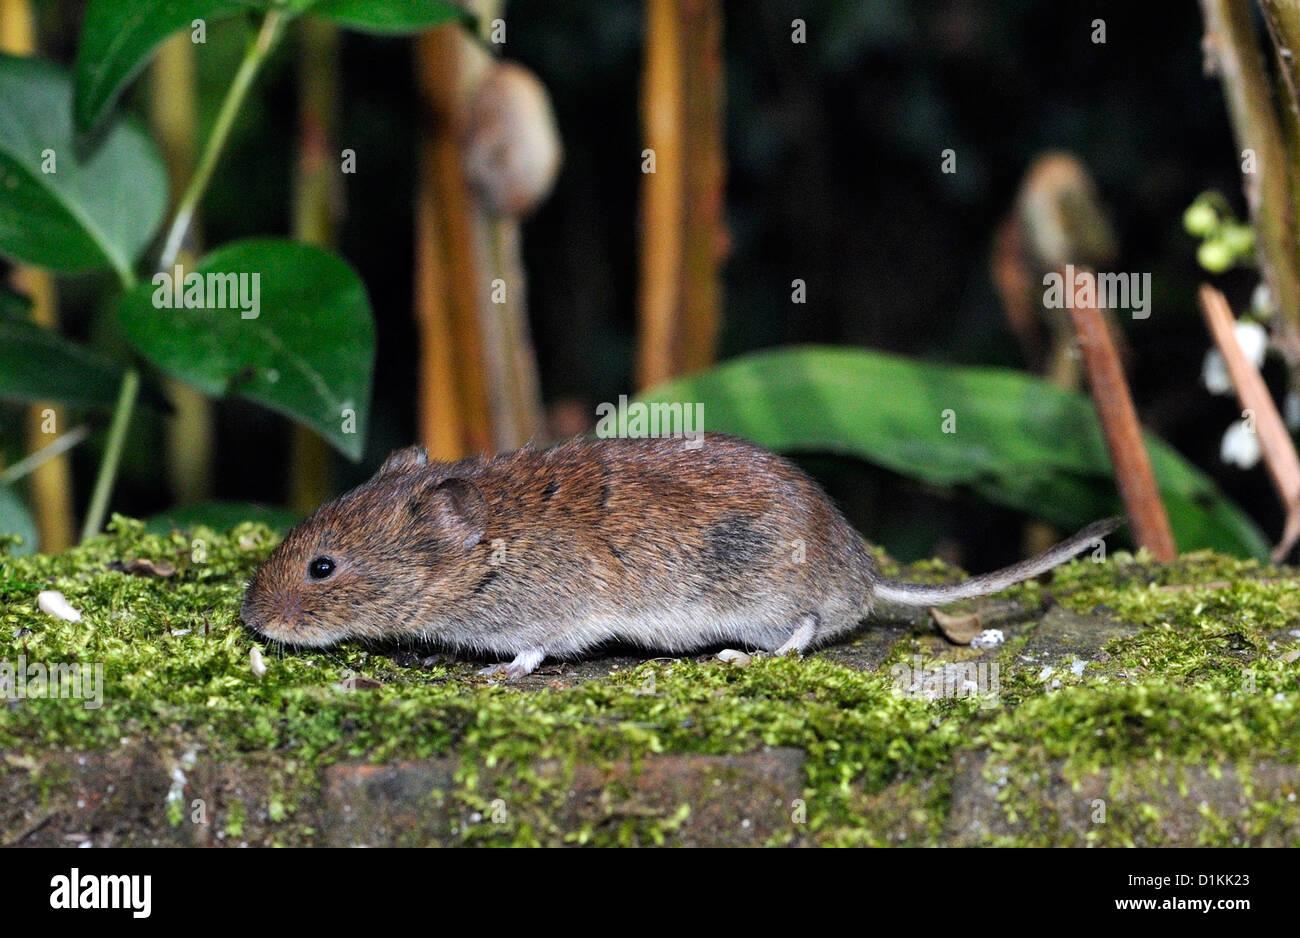 Bank Vole. (Myodes glareolus). Bedgebury Forest, Kent. - Stock Image